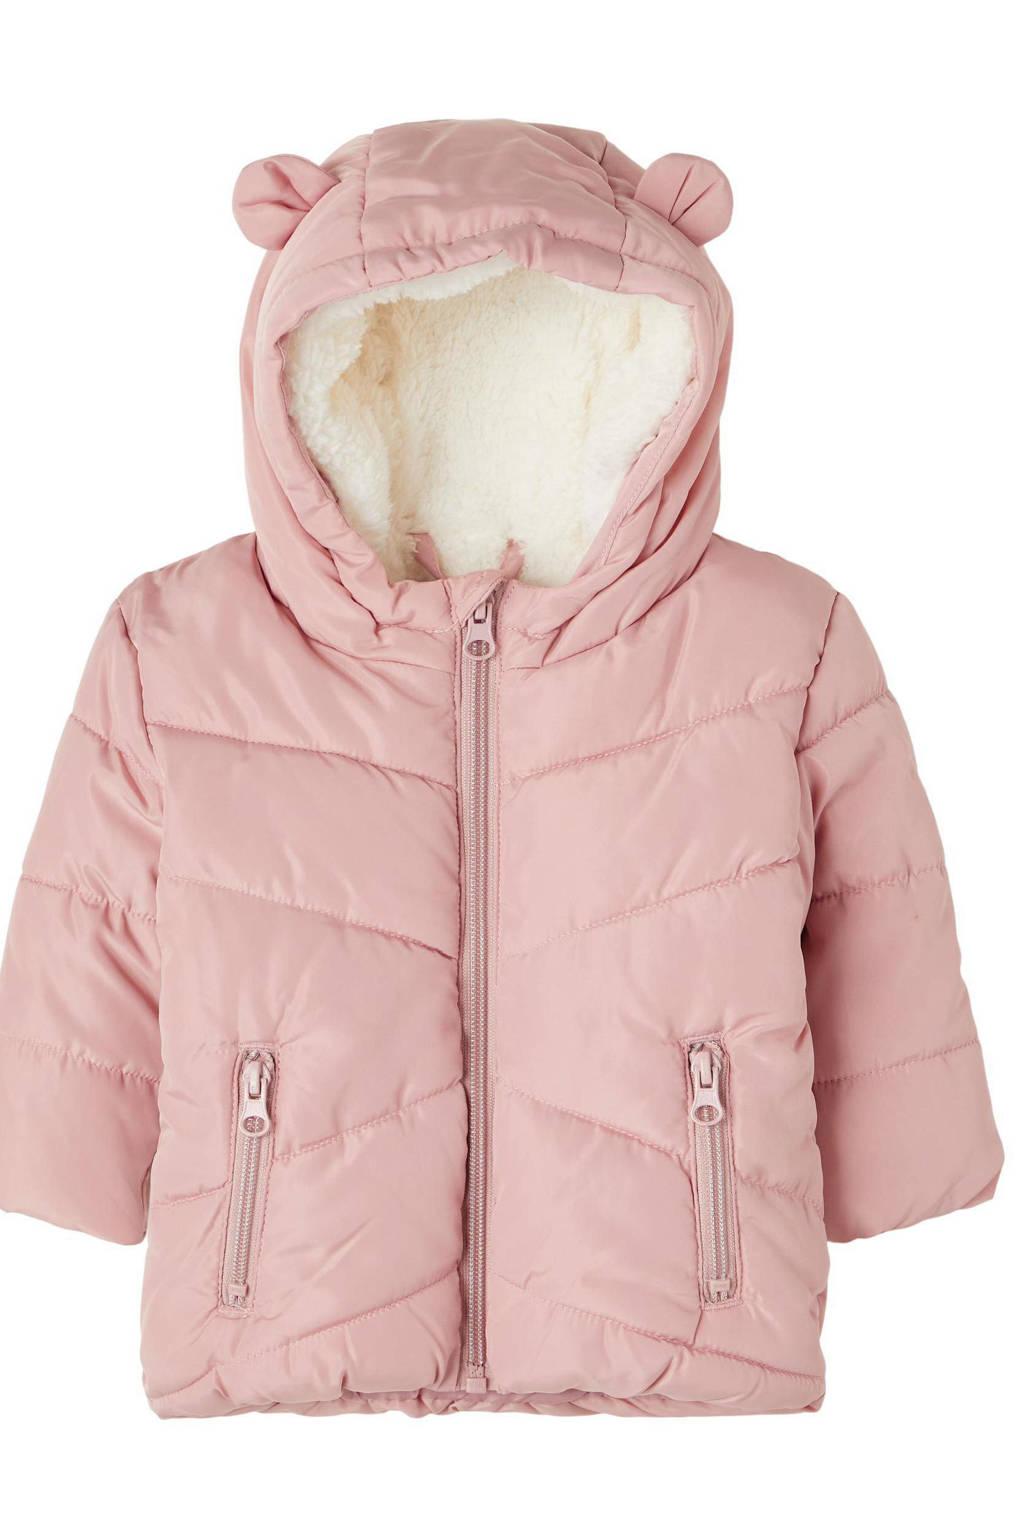 NAME IT BABY baby gewatteerde winterjas NBFMAKE van gerecycled polyester roze, Roze